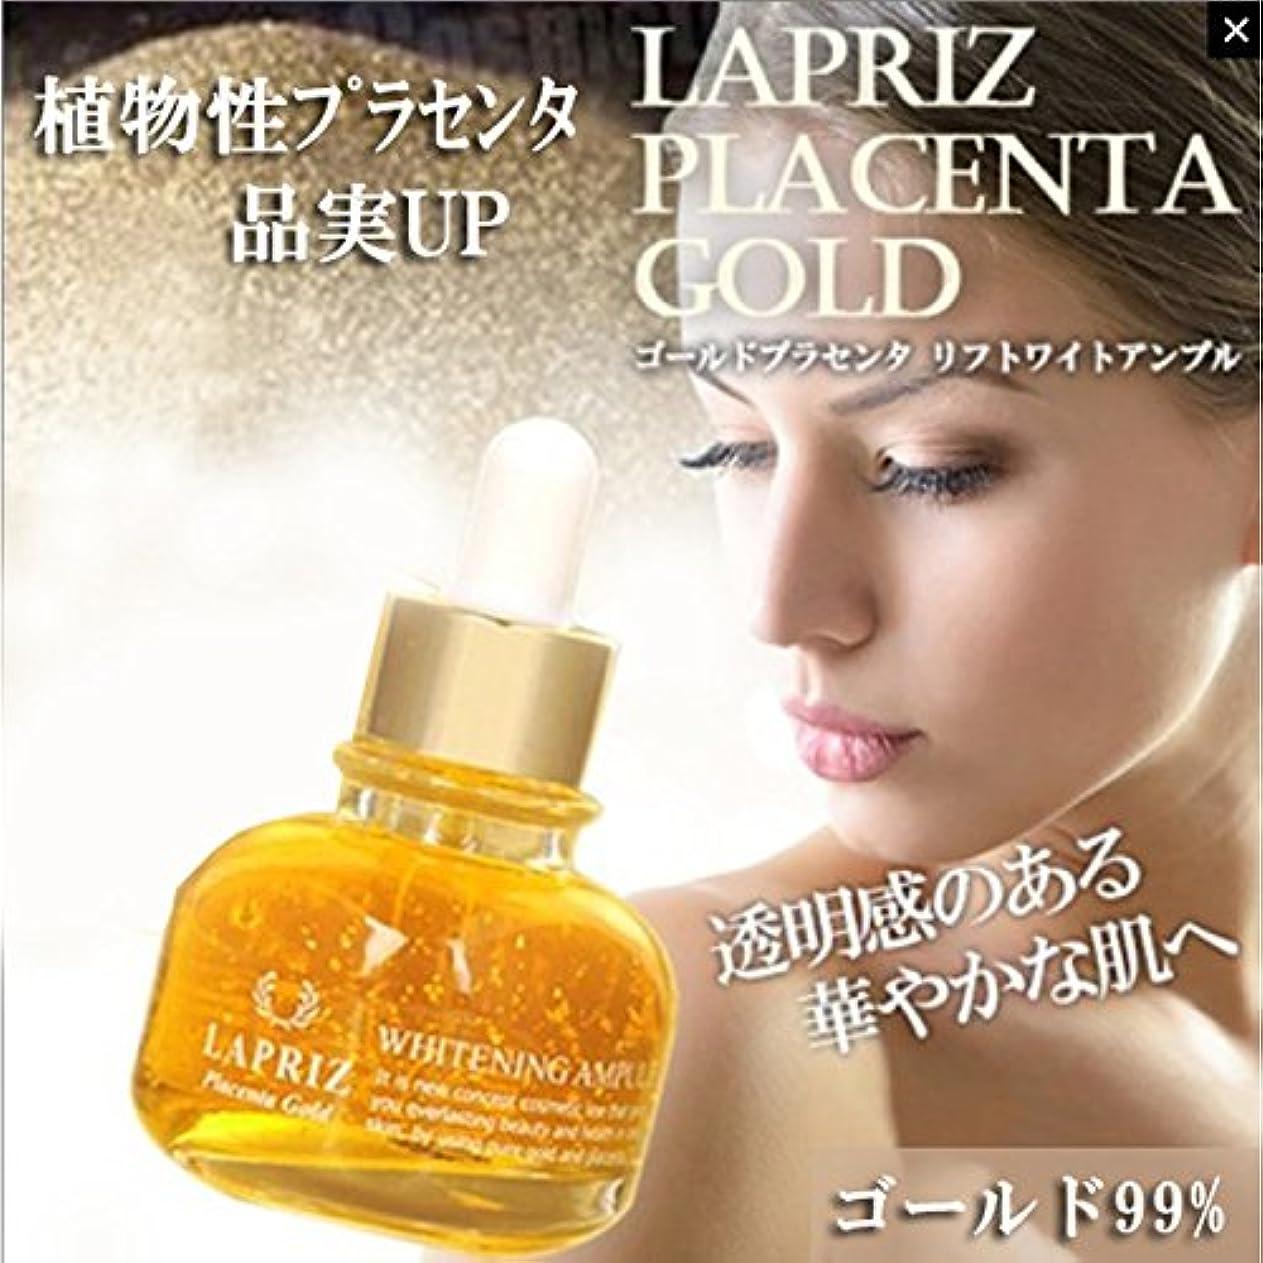 狐疼痛恋人【LAPRIZ/ラプリズ】プラセンタゴルードホワイトニングアンプル99.9% ゴールド